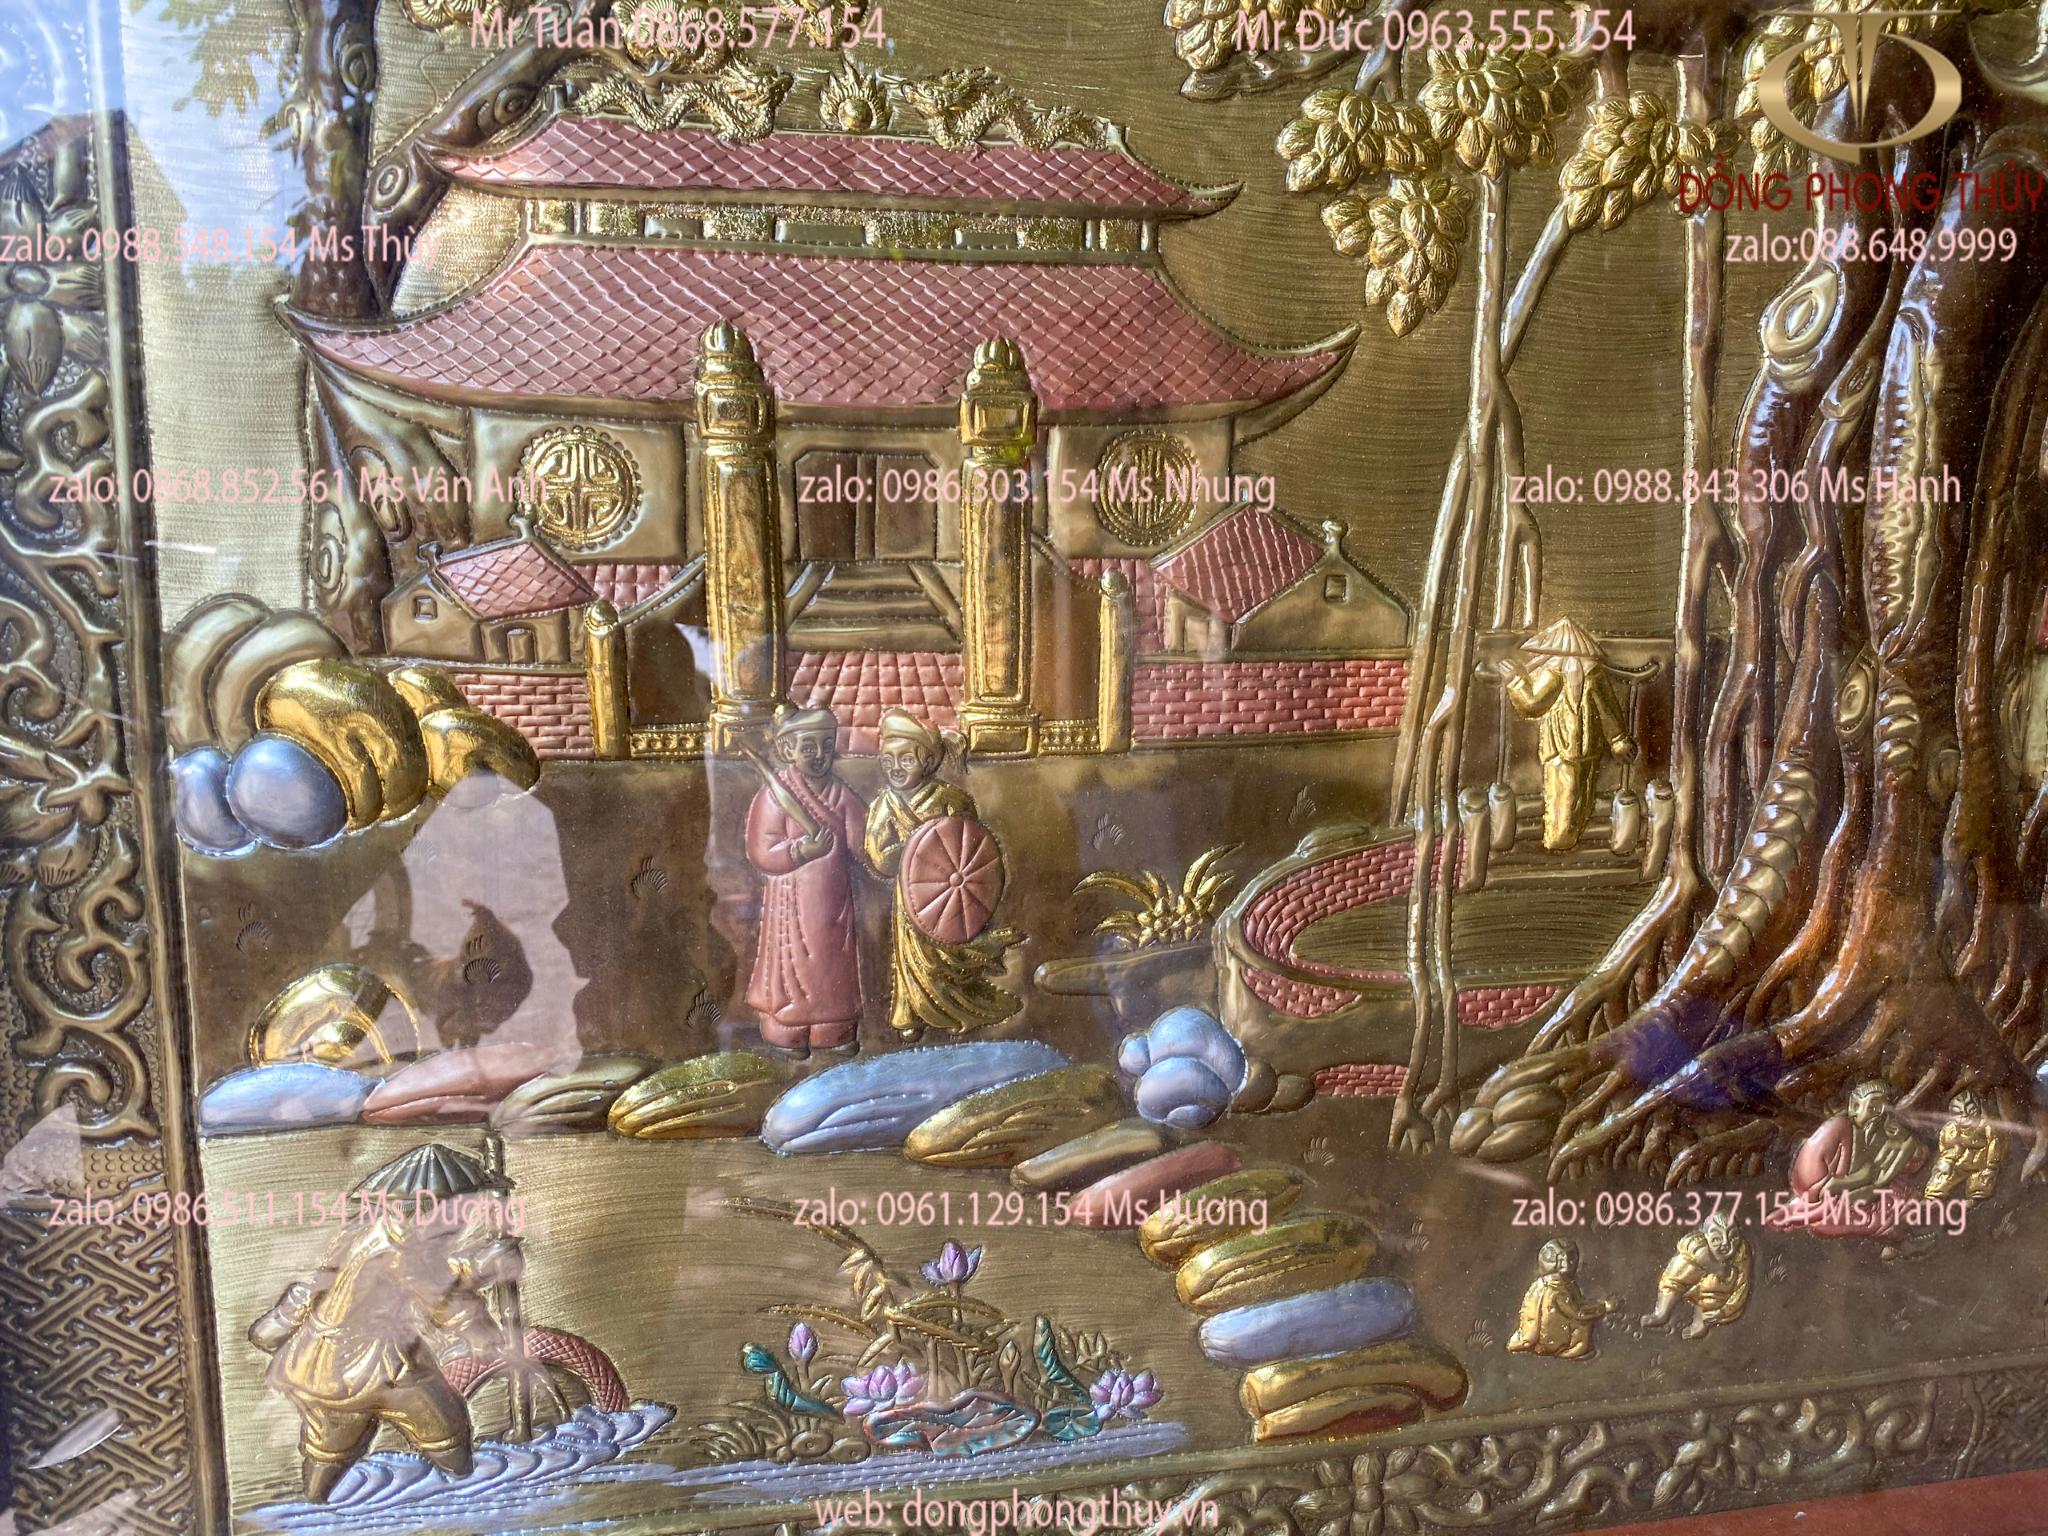 TRANH ĐỒNG QUÊ - CỘI NGUỒN QUÊ HƯƠNG - CẢNH ĐỒNG QUÊ THANH BÌNH BẰNG ĐỒNG LÀM XƯỚC GIẢ CỔ dát vàng bạc 1M2*2M3 BỌC KÍNH GẮN ĐÈN LED